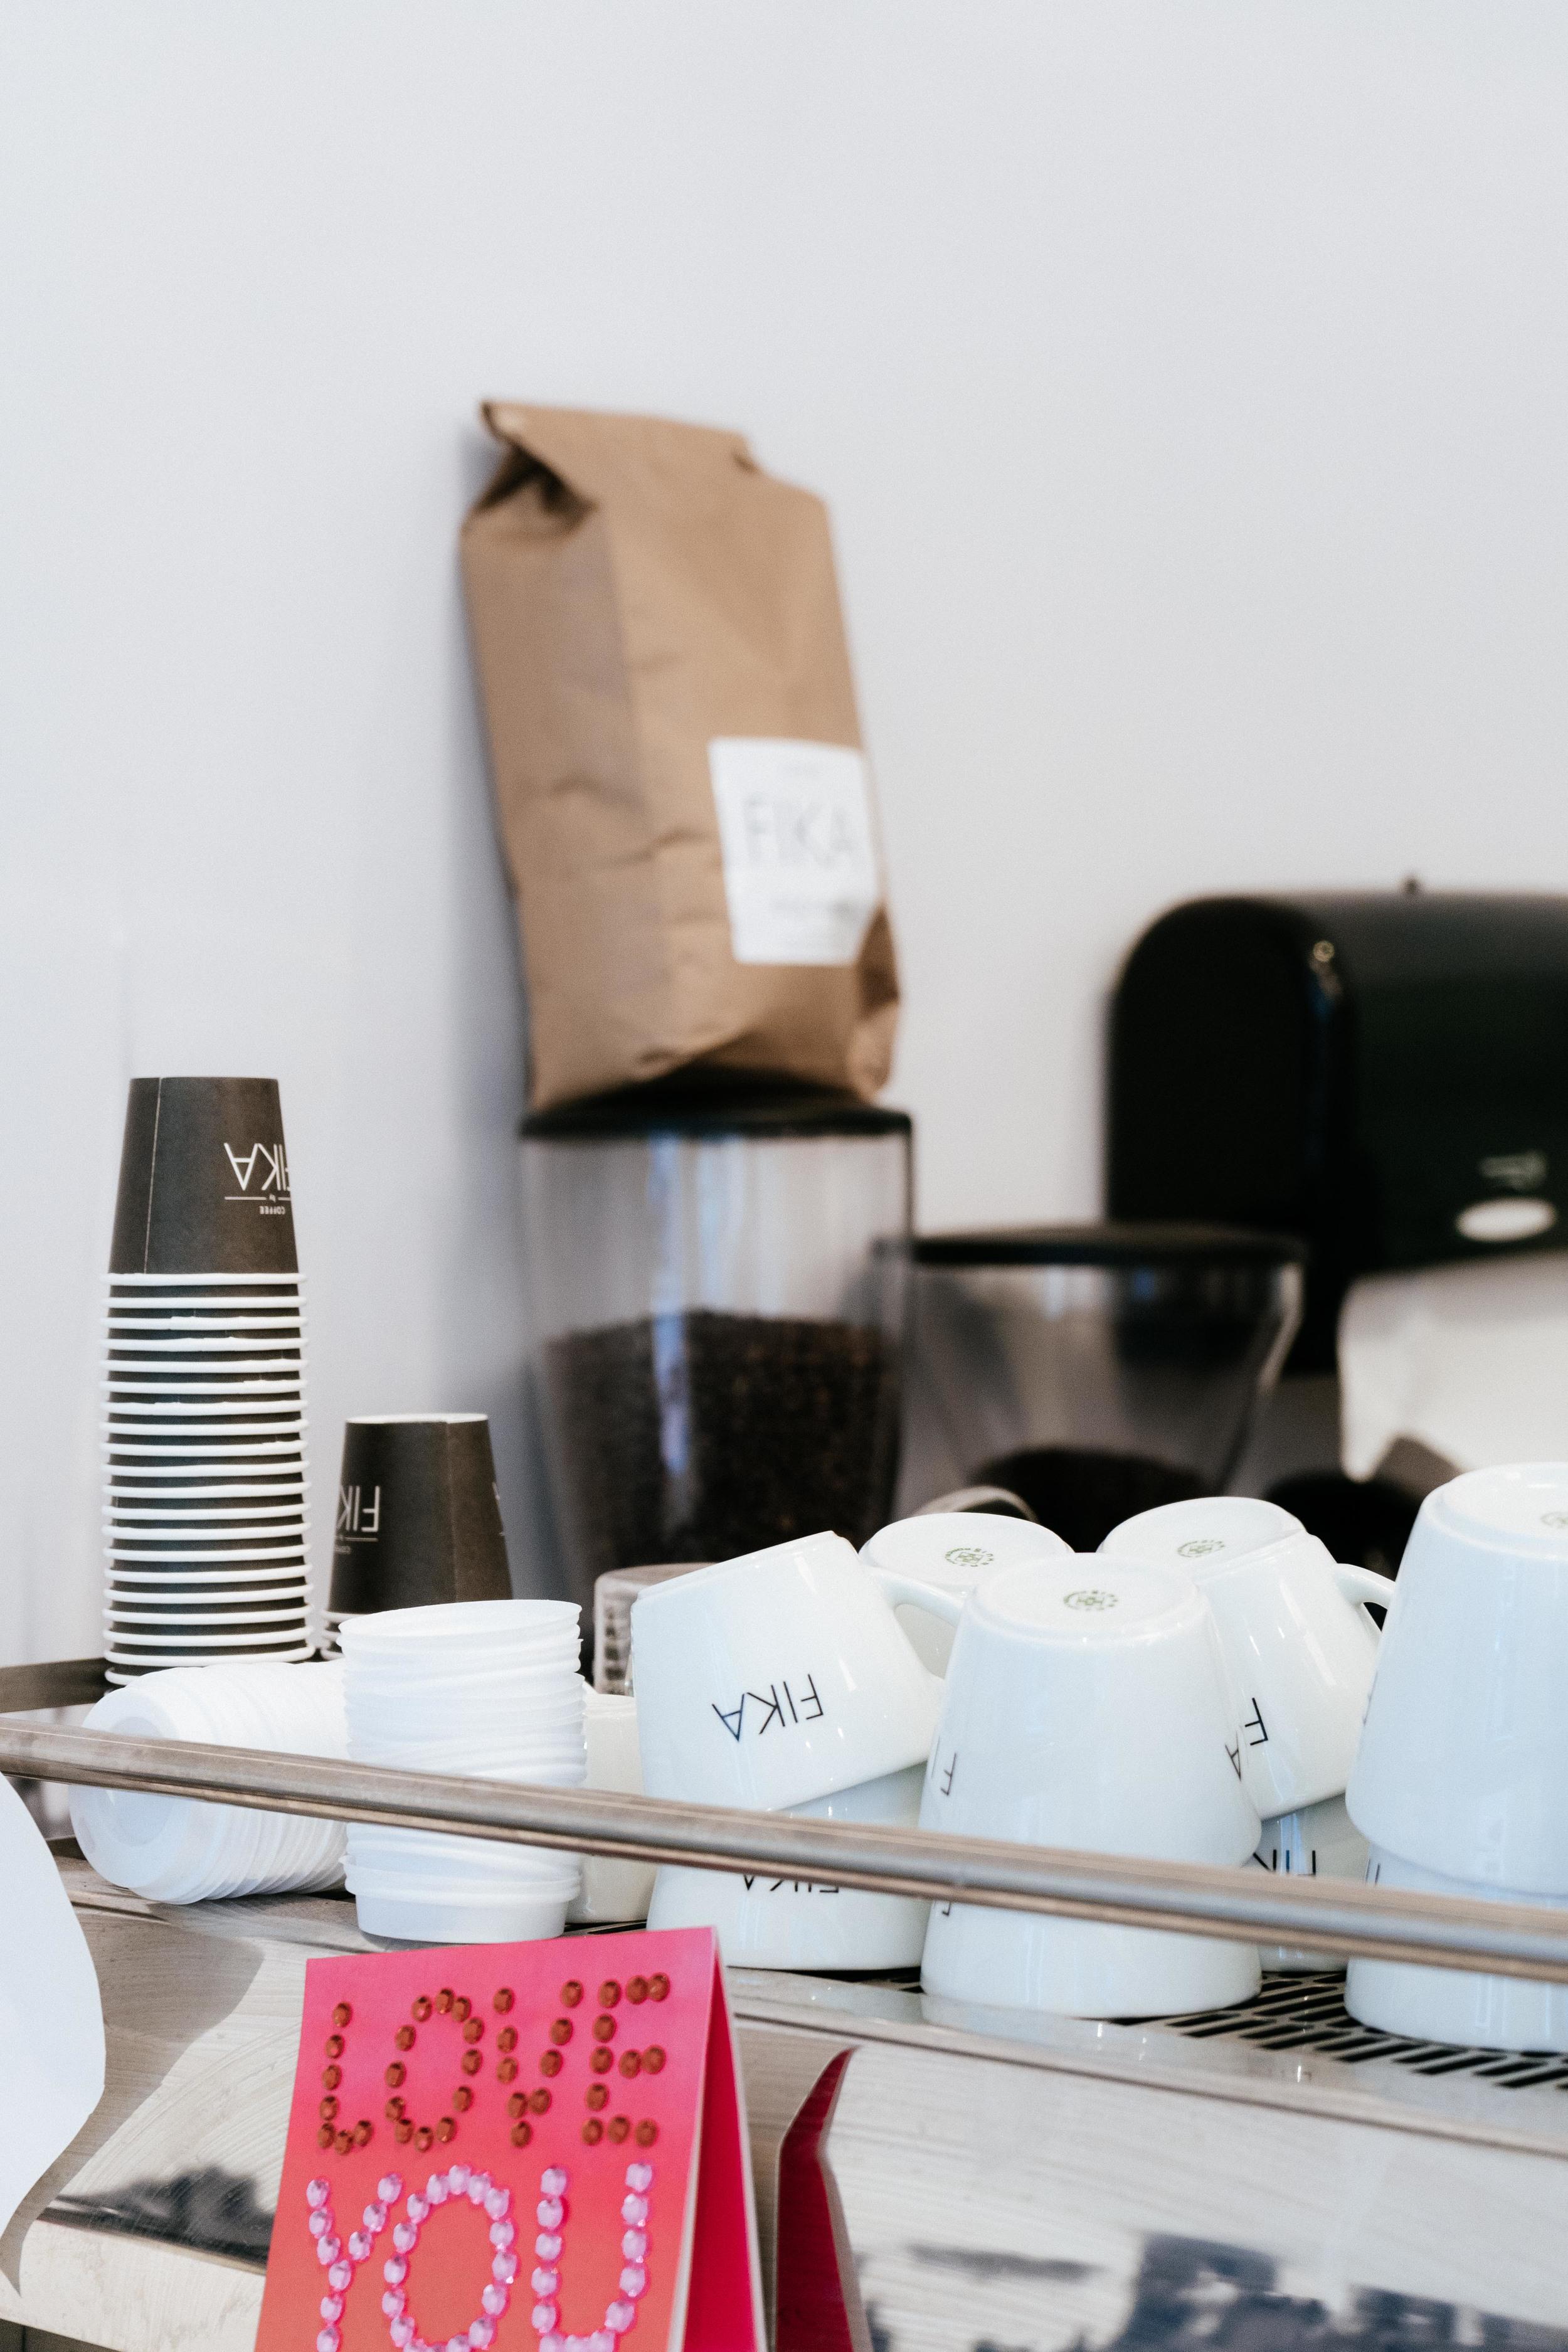 LeSycomore_coffee-shop-FIKA-esspresso-bar-5